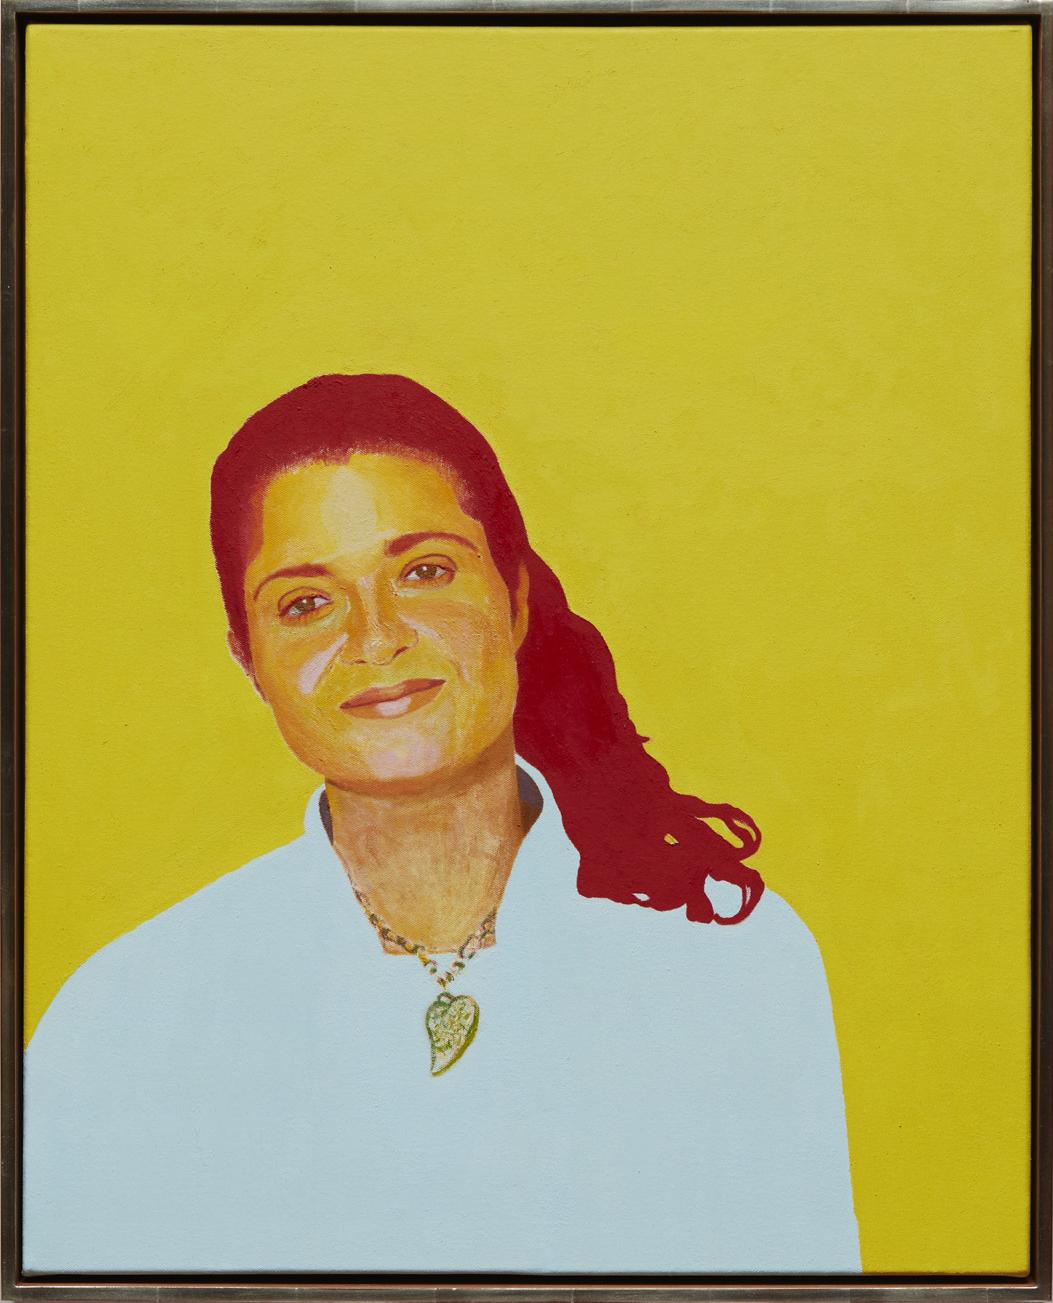 Alex Guarnaschelli - oil on canvas, 30 x 24